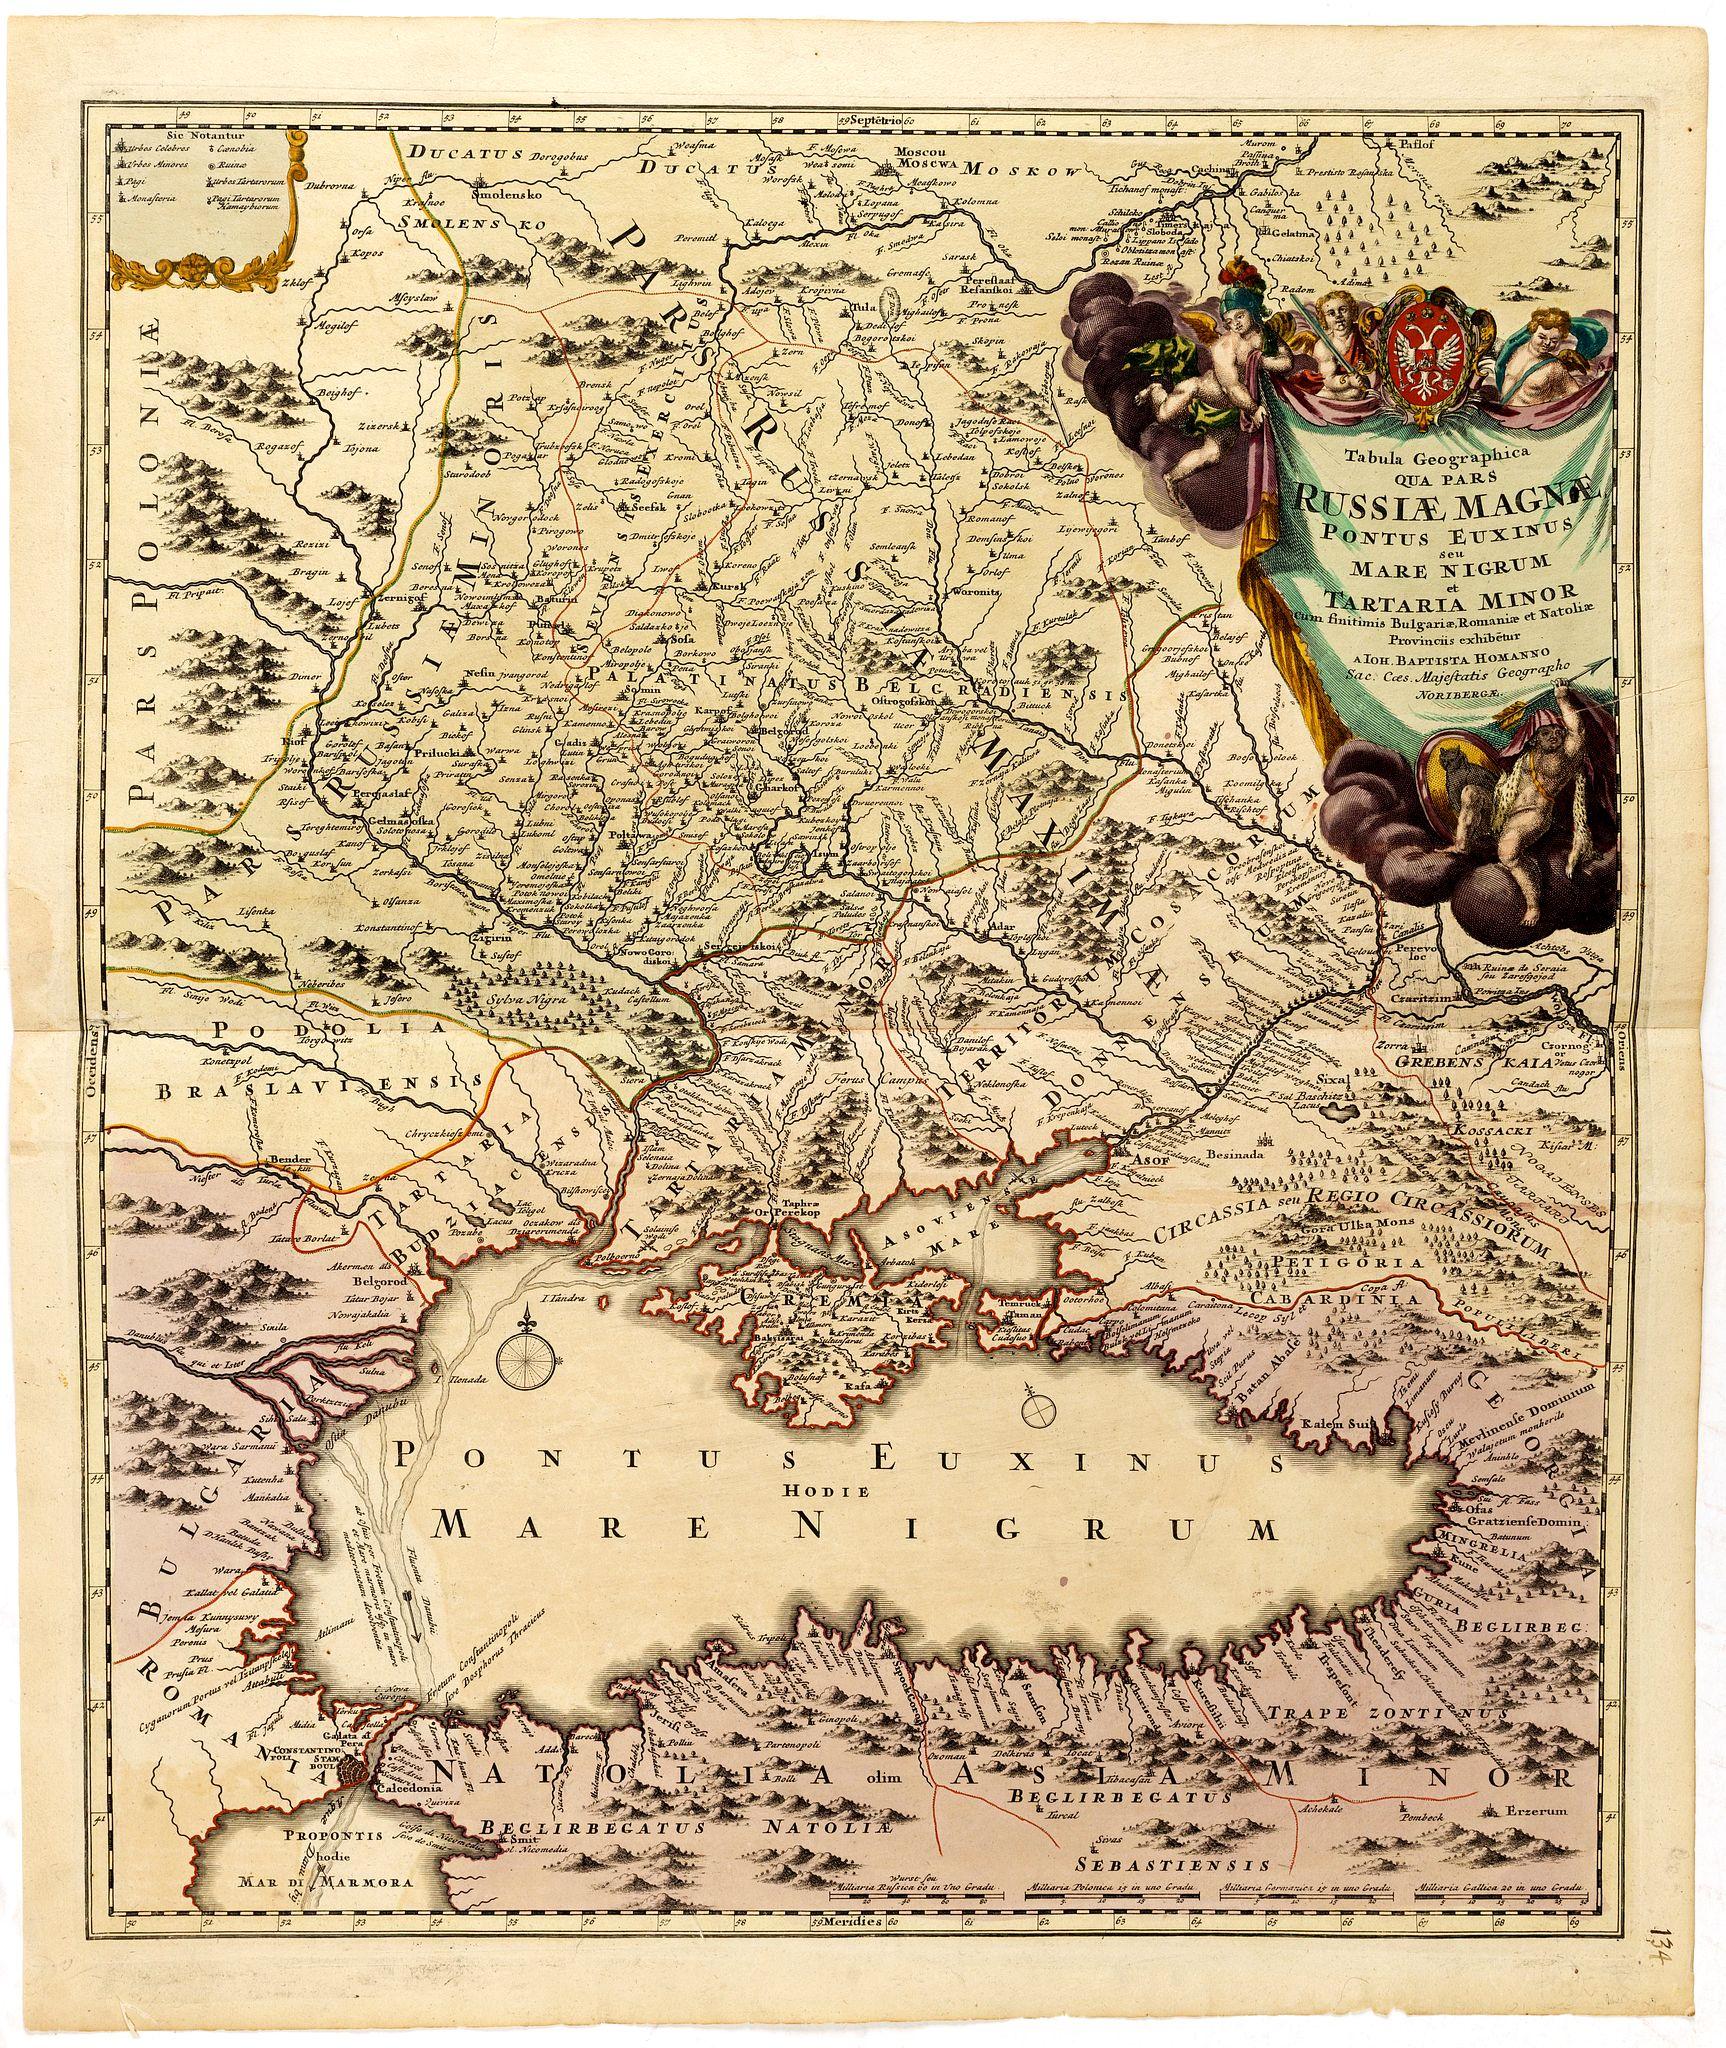 HOMANN, J.B. -  Tabula Geographica qua pars Russiae Magnae Pontus Euxinus seu Mare Nigrum et Tartaria Minor.